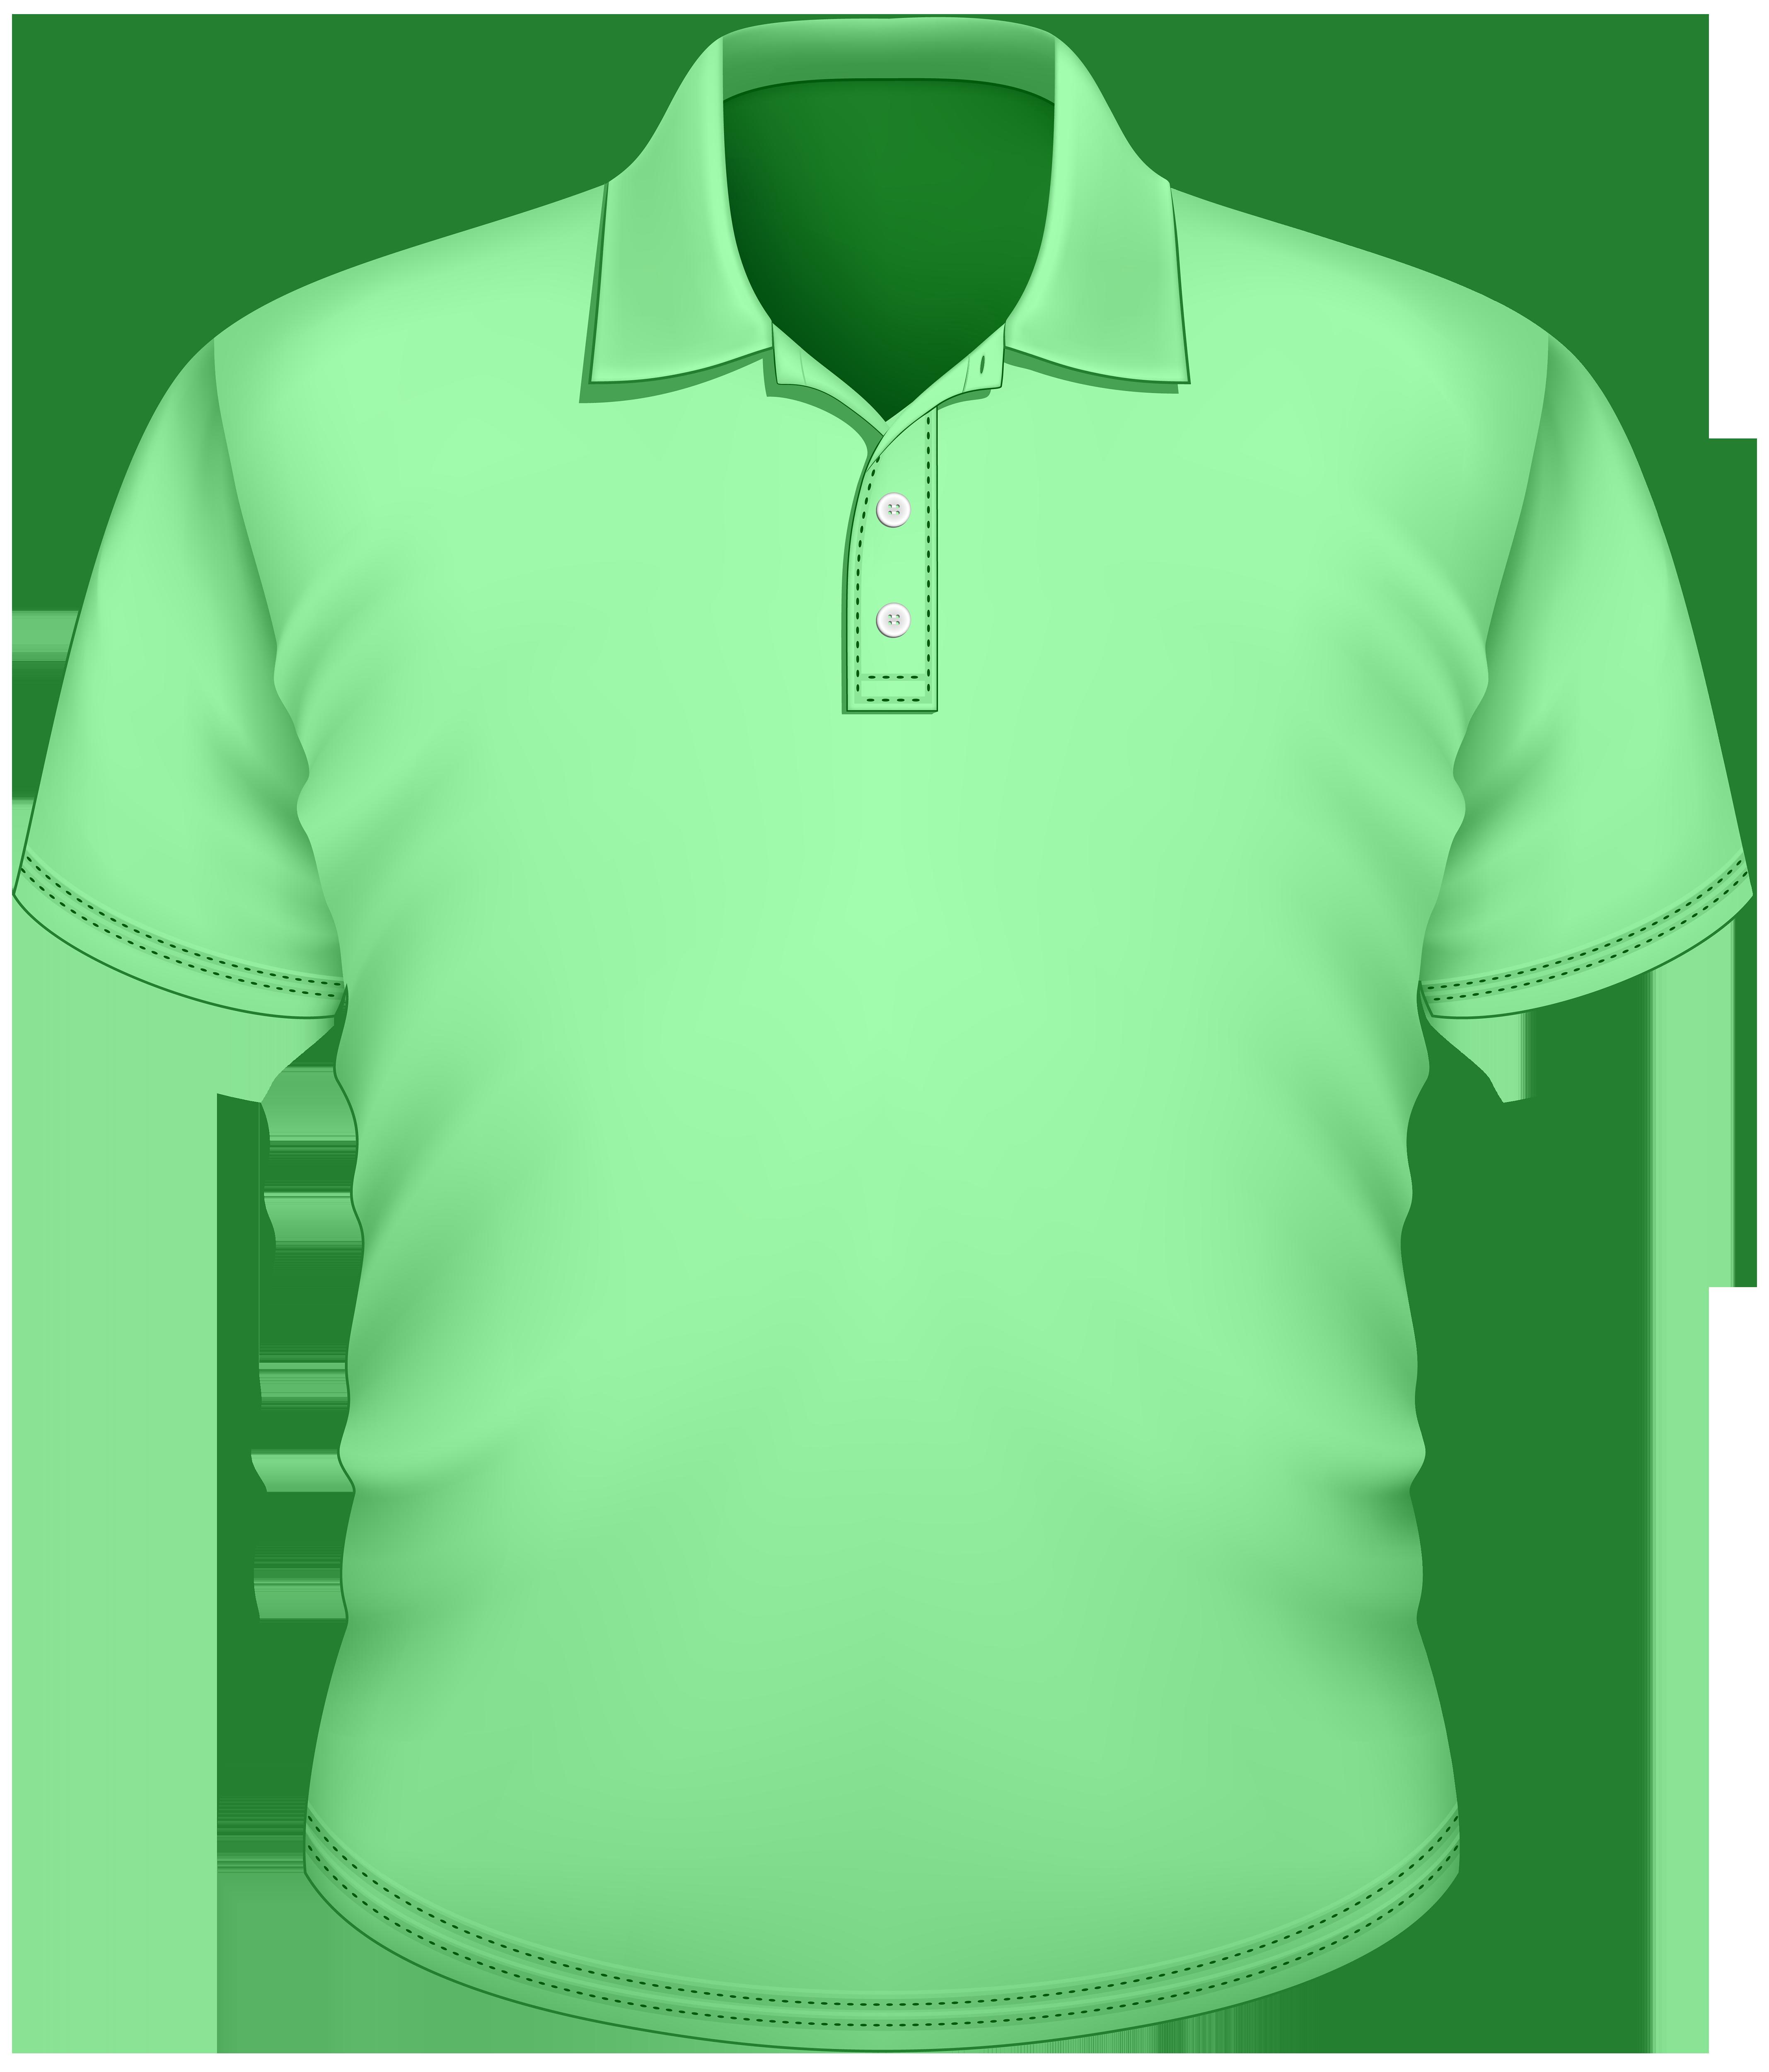 Clipart shirt green shirt. Male png best web